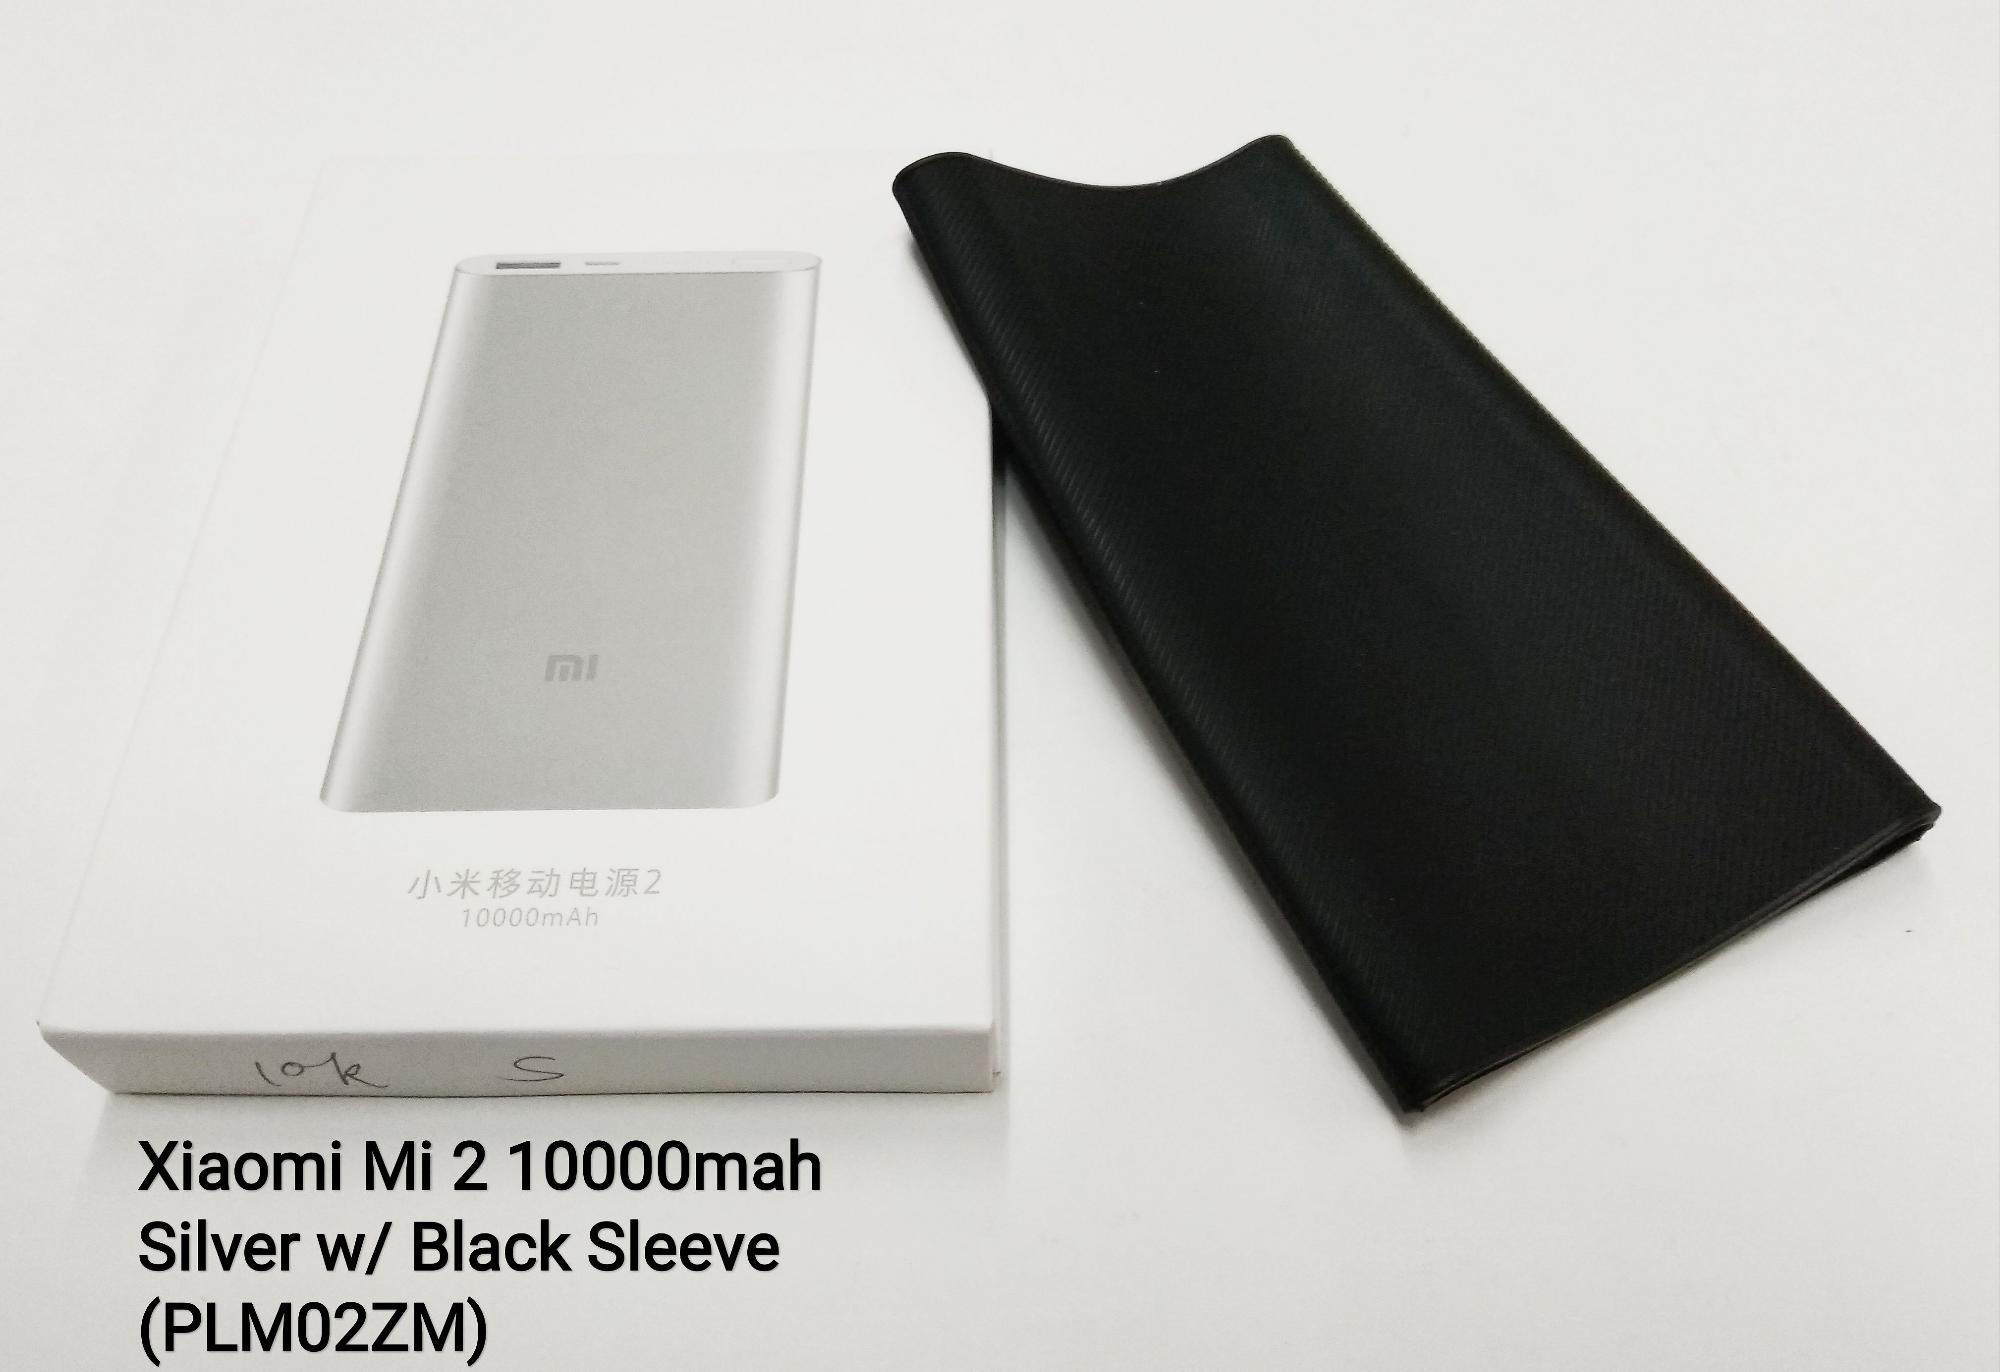 Philippines Bestsellers Xiaomi Plm02zm 10000mah Mi Powerbank Black 2 Slim Free Sleeve